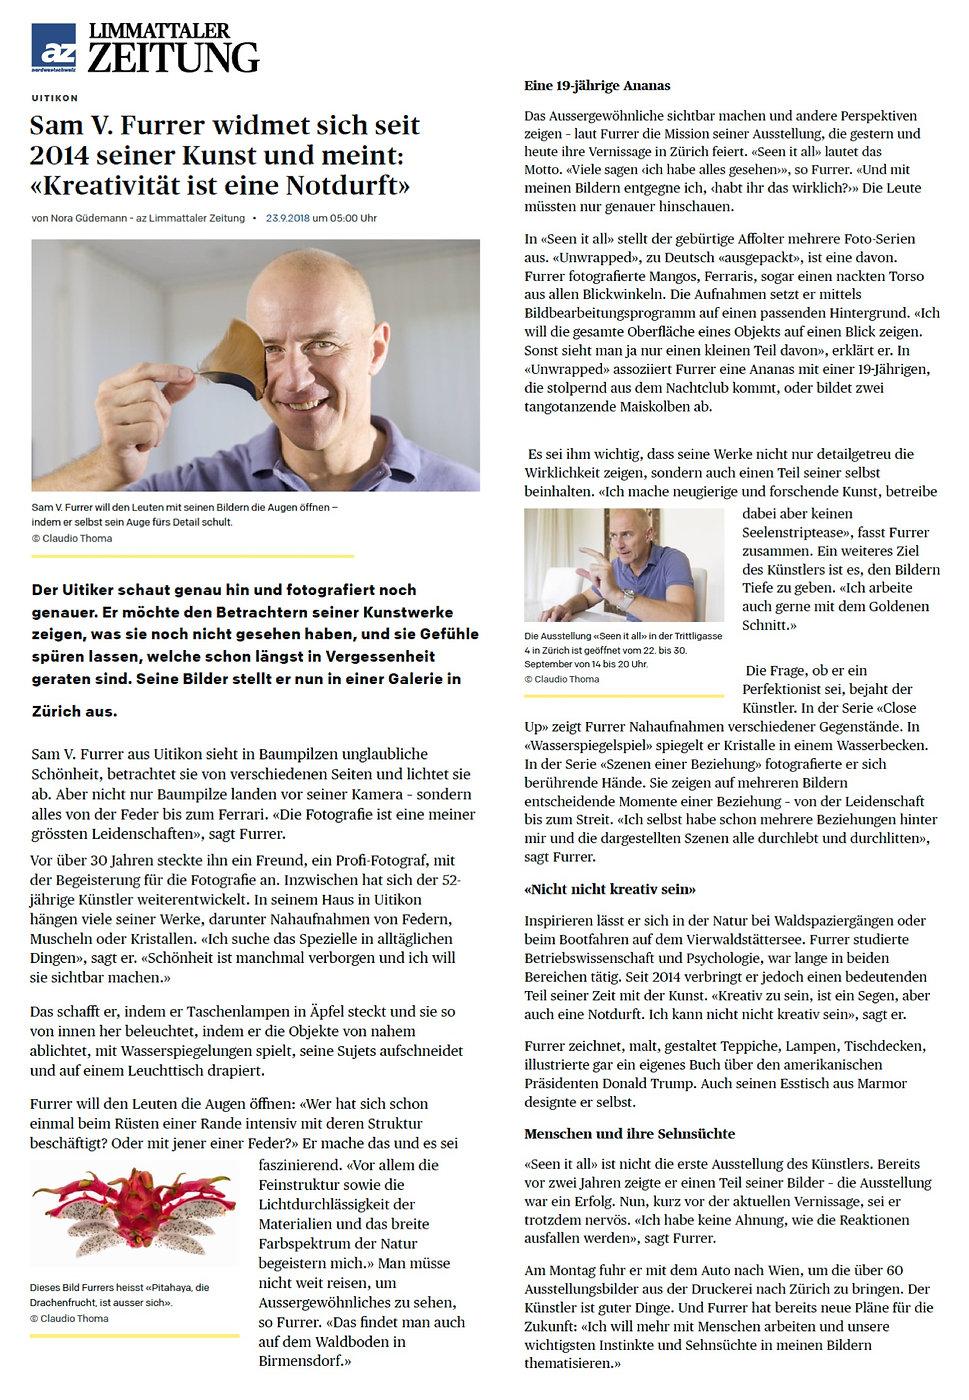 Limmattaler Zeitung Artikel 20180922.jpg